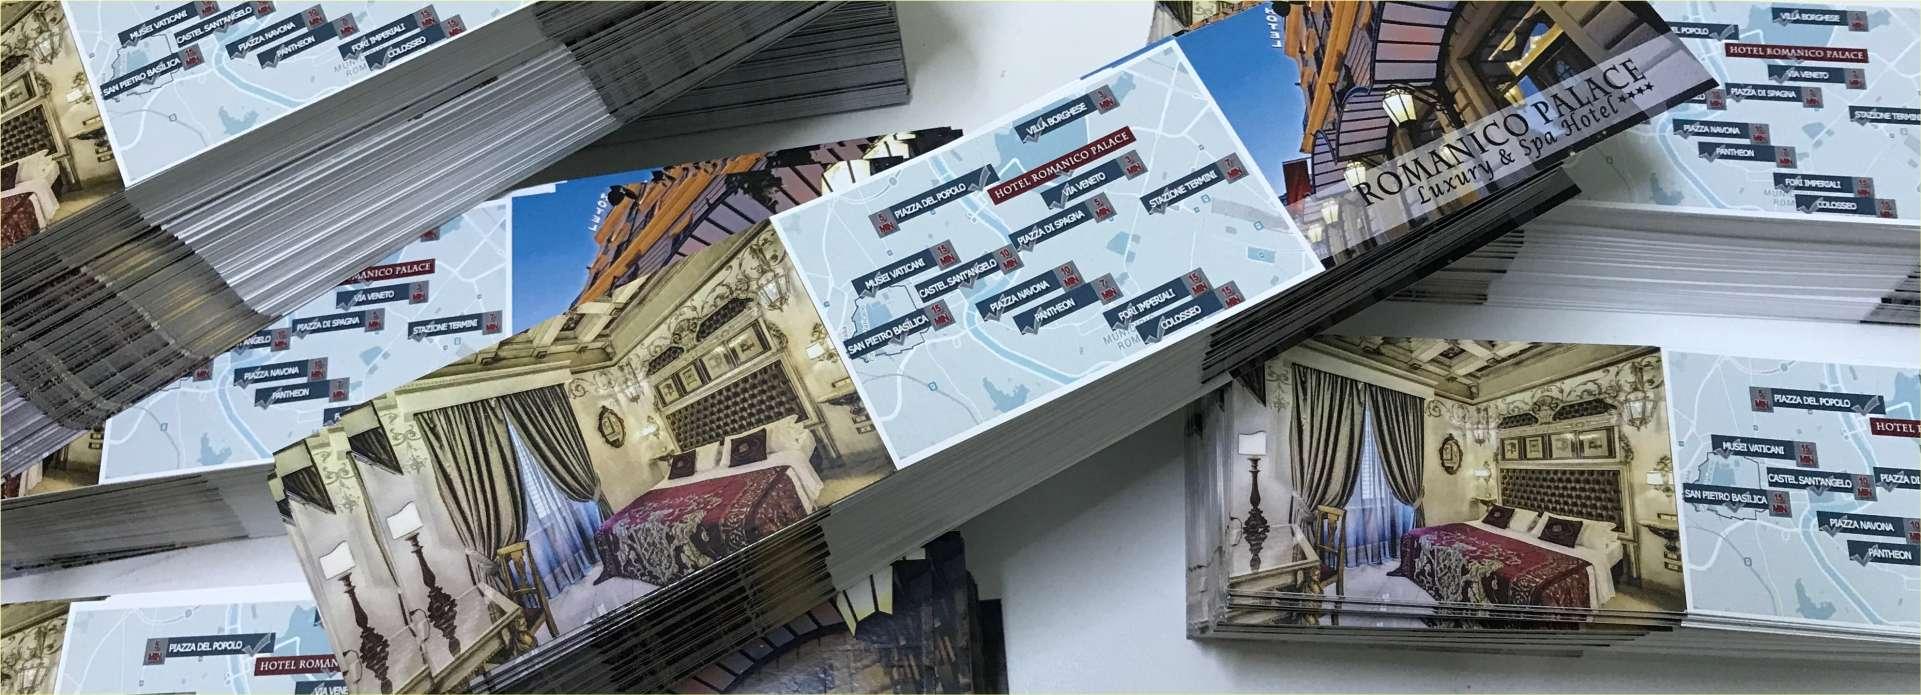 La stampa Digitale di Graf, Studio Grafico e Stampa Digitale a Roma